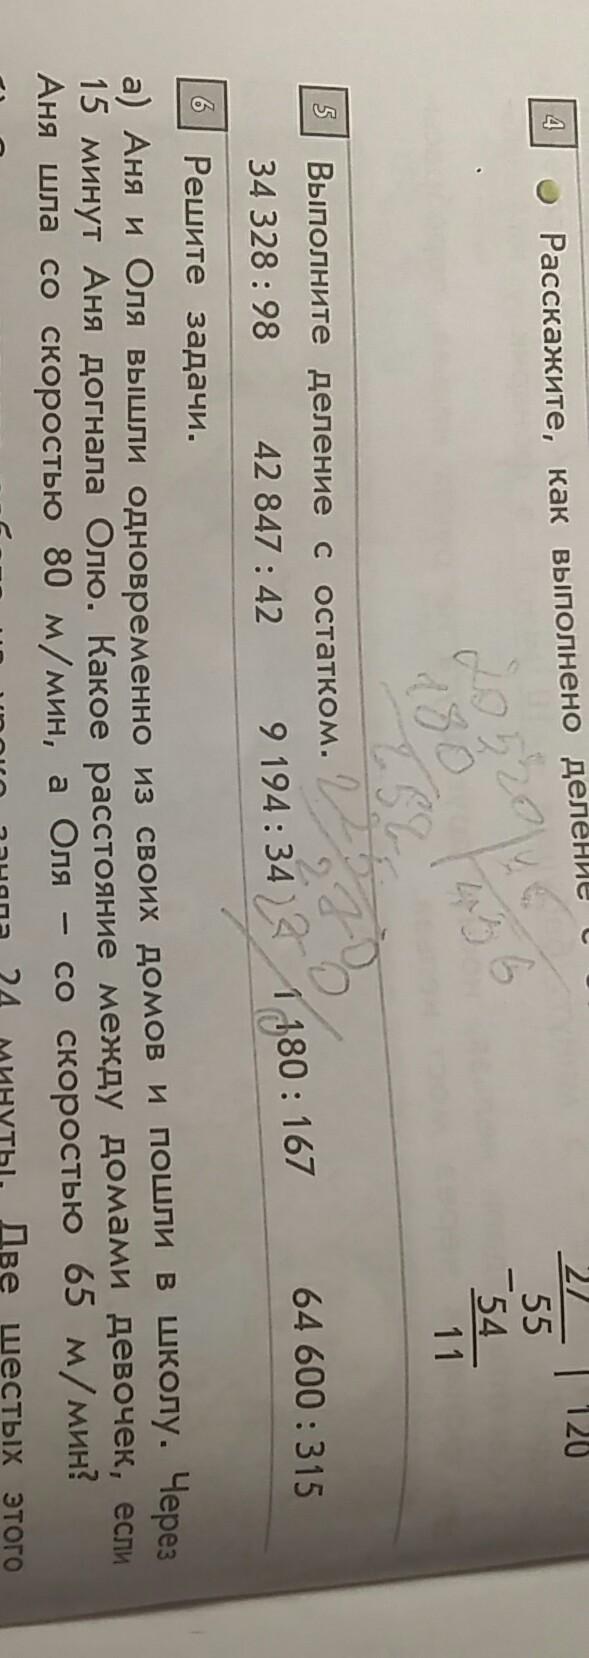 Решите задачу аня и оля вышли одновременно решение задач из демоверсии по математике